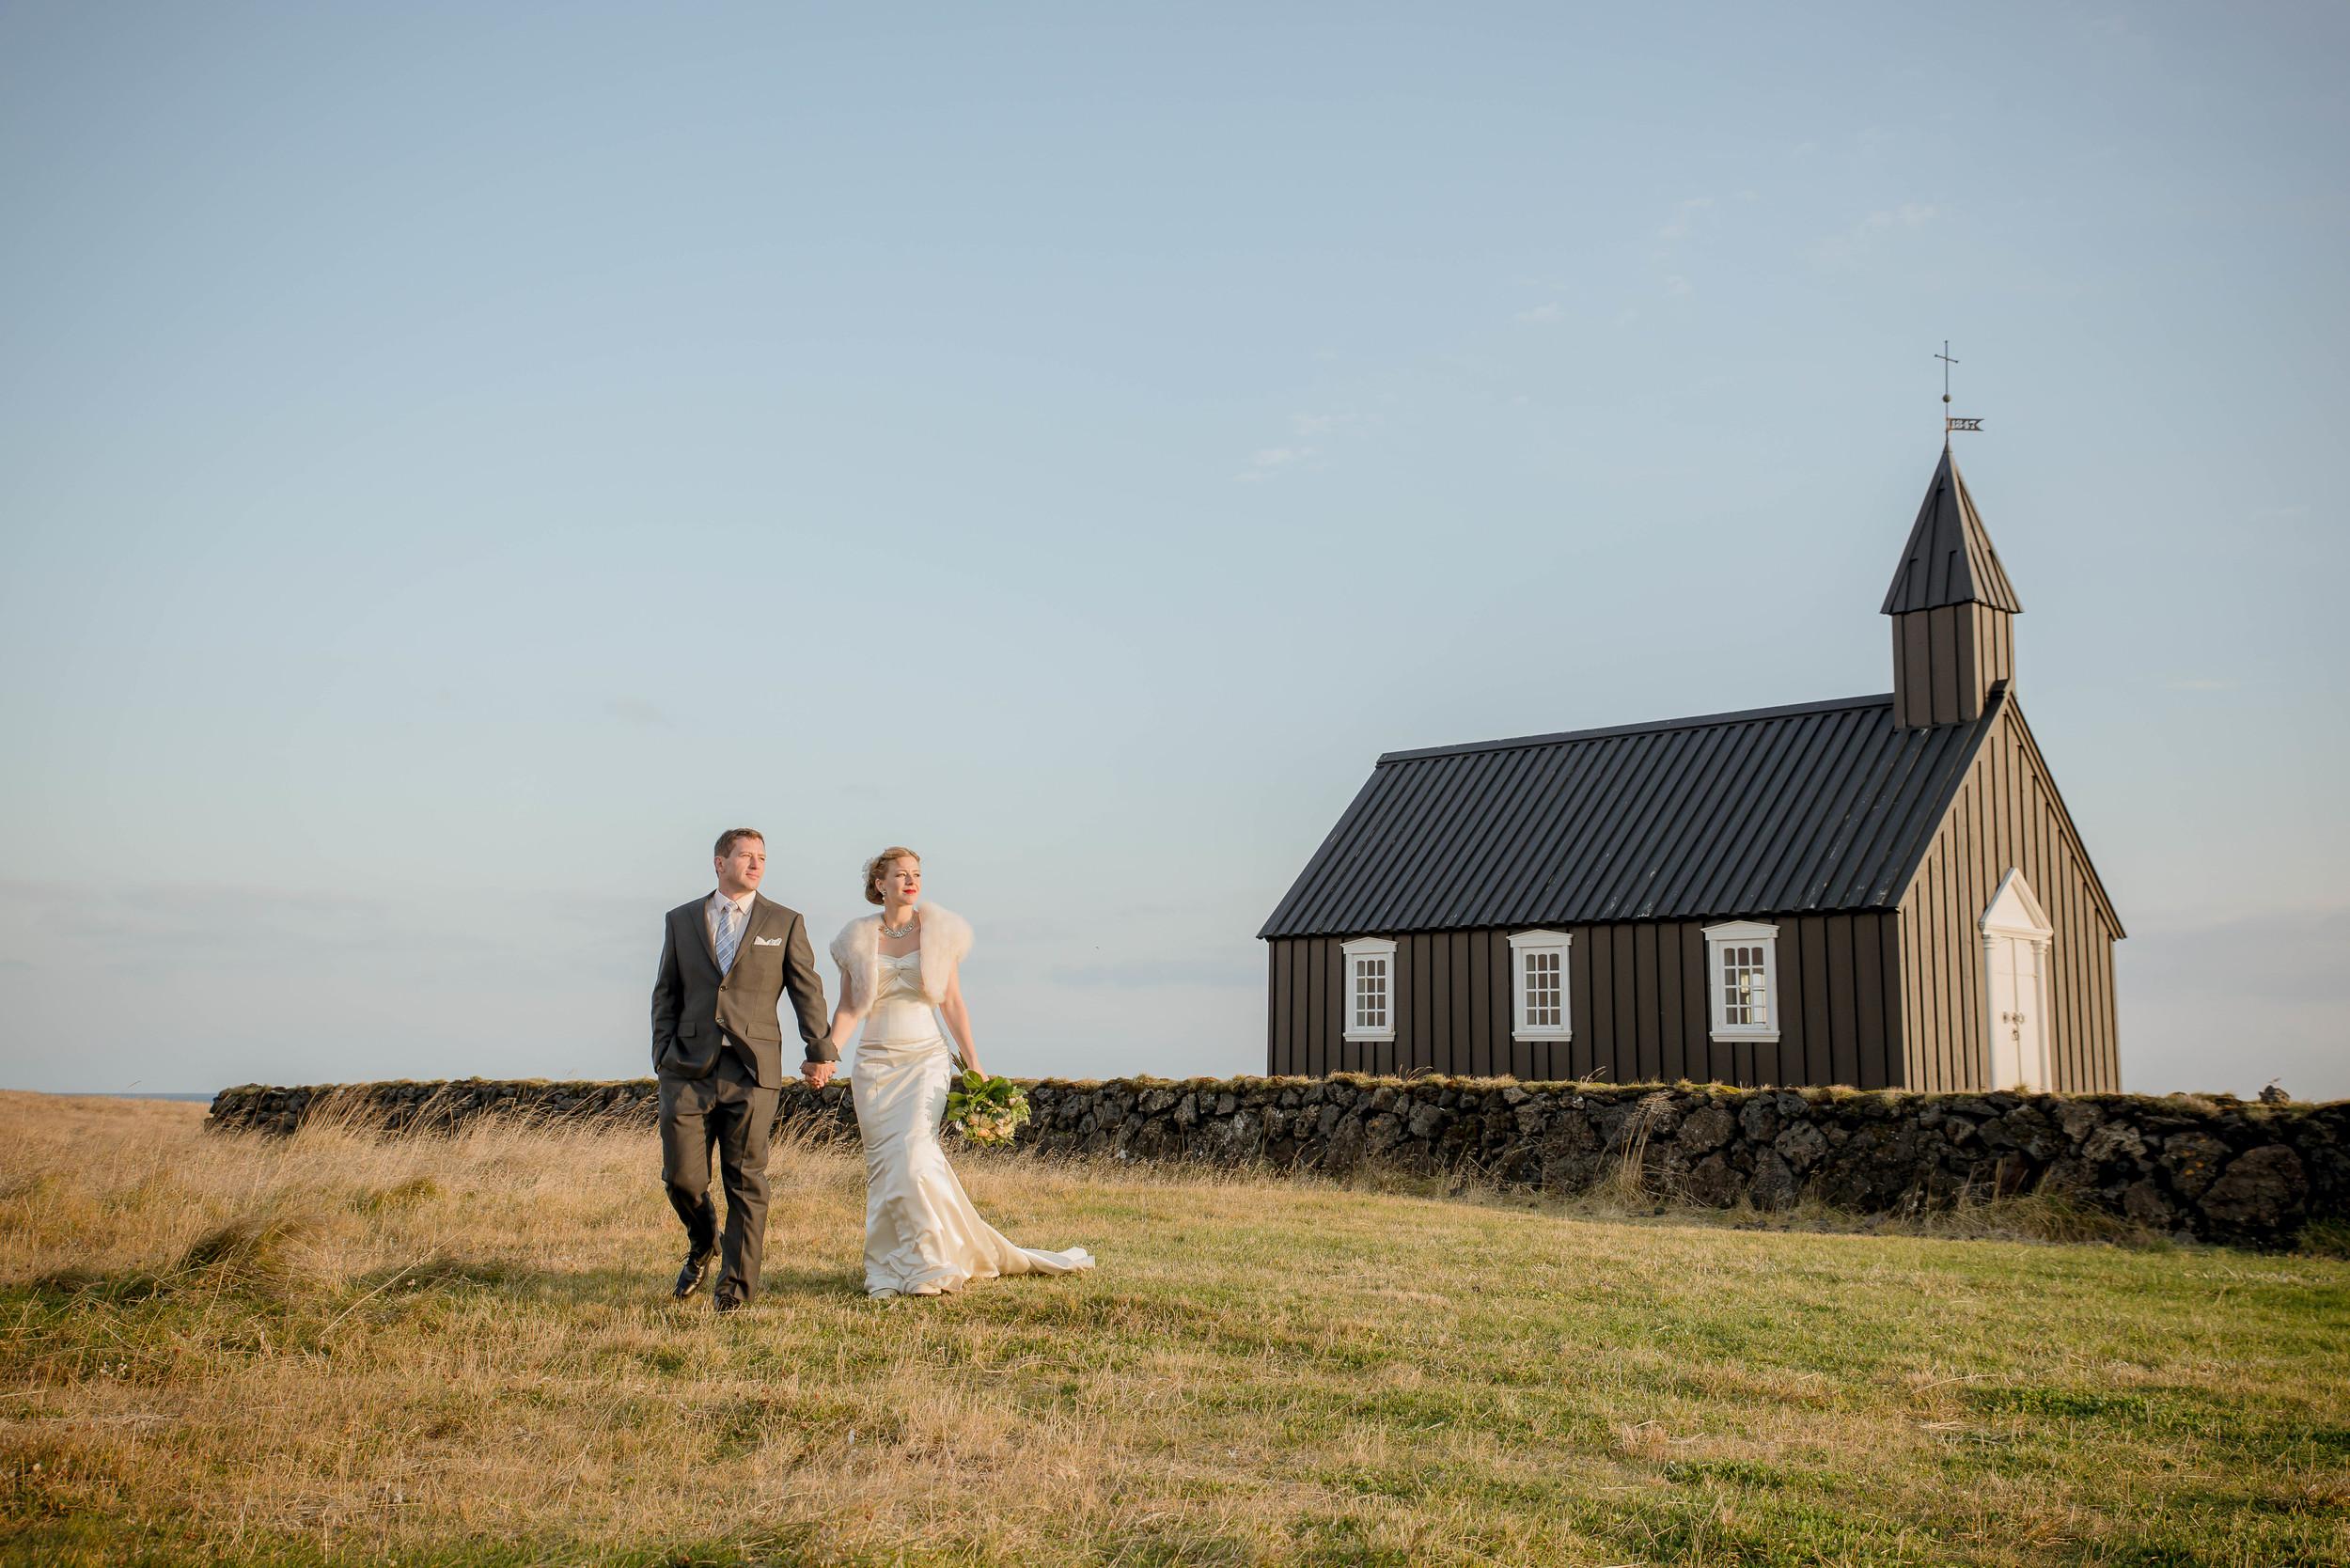 Iceland-Wedding-Photographer-Photos-by-Miss-Ann-38.jpg